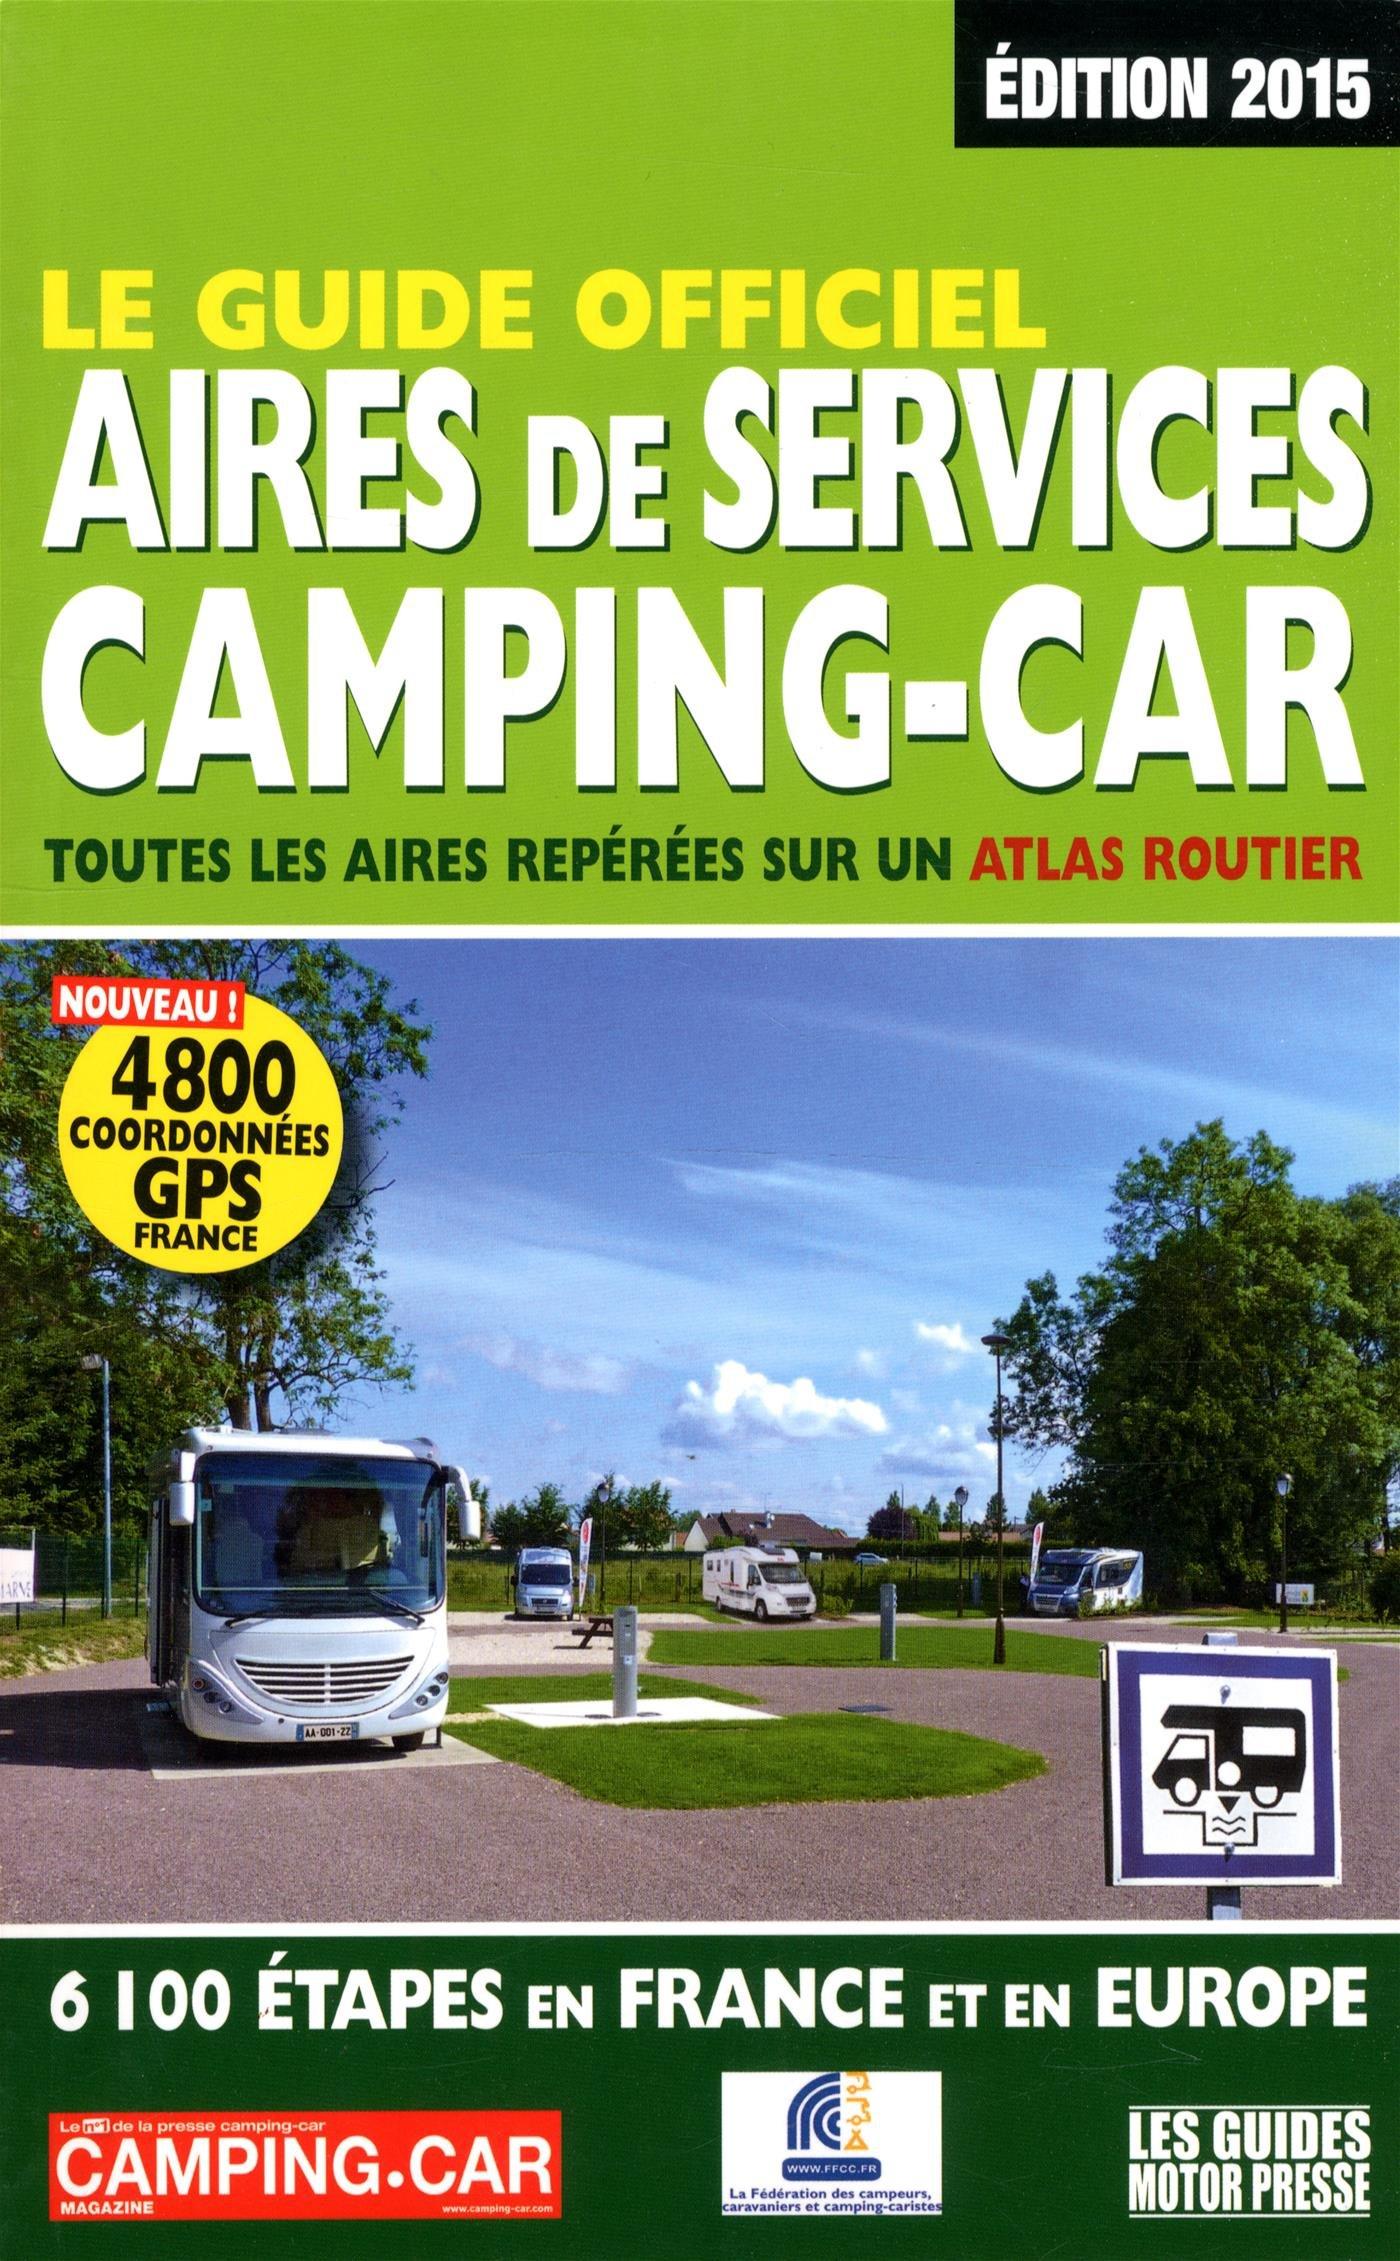 De camping camping car achat vente mobilier de camping camping - Amazon Fr Le Guide Officiel Aires De Services Camping Car 2015 Martine Duparc Livres